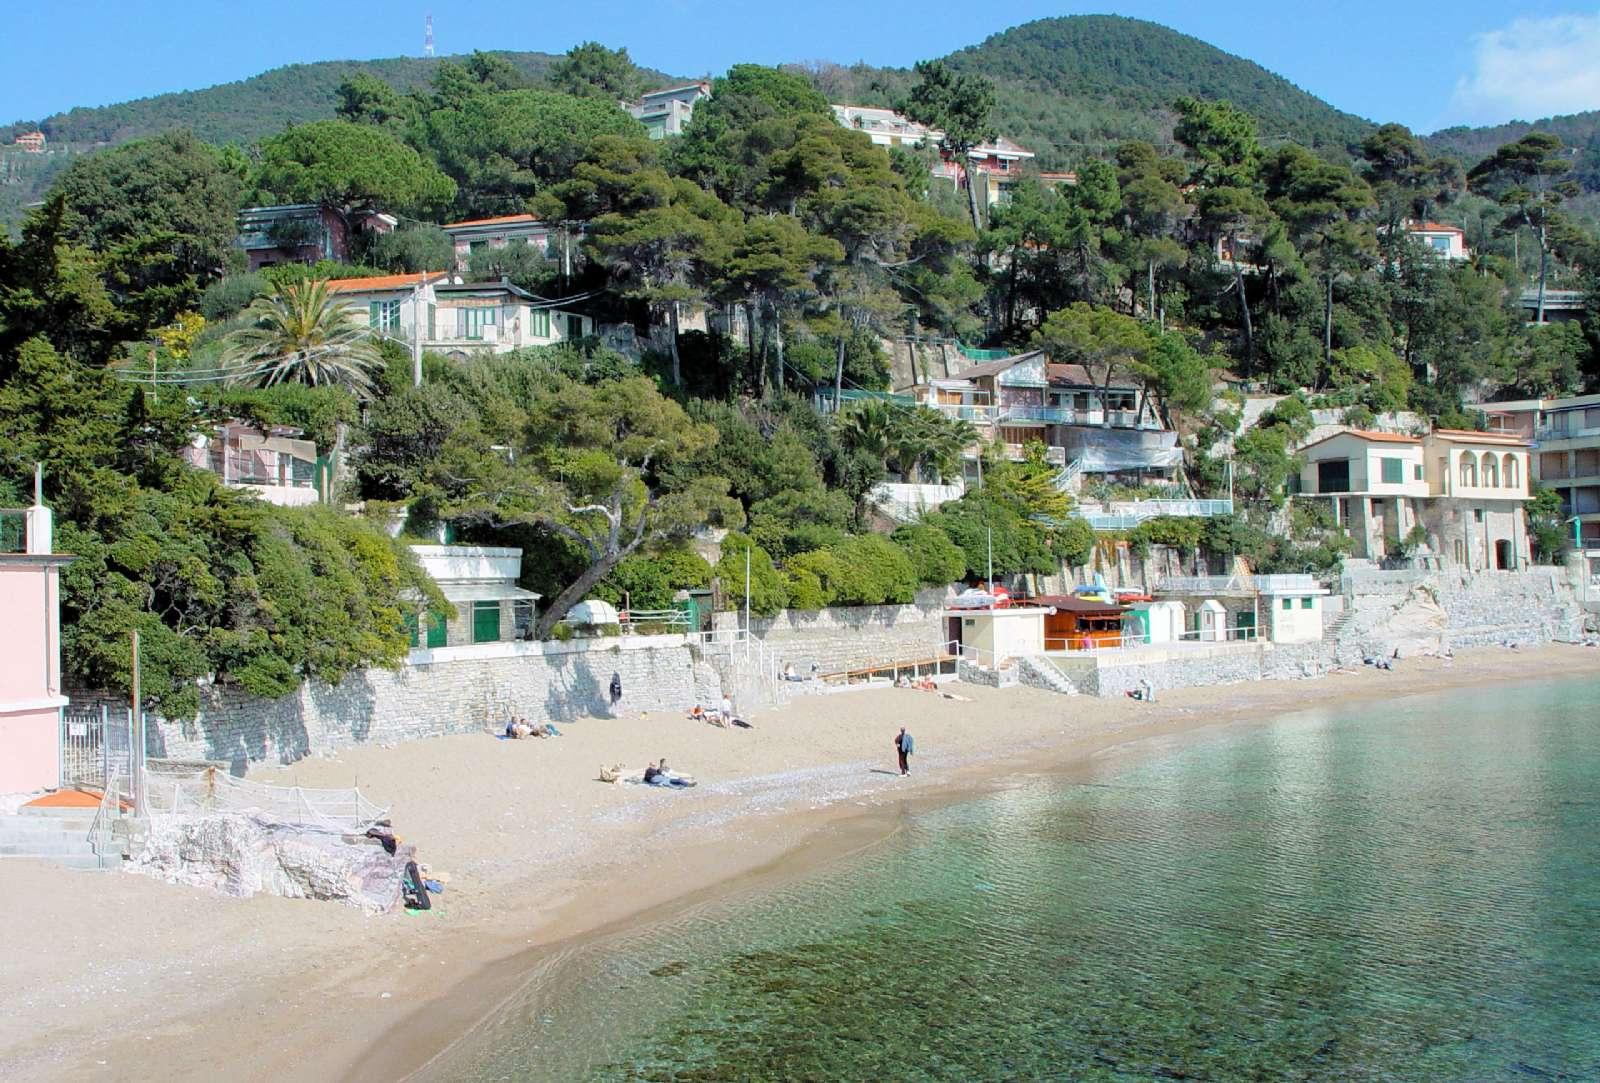 Der schöne Sandstrand von Fiascherino, Hotel erkennbar Bild links (pink)